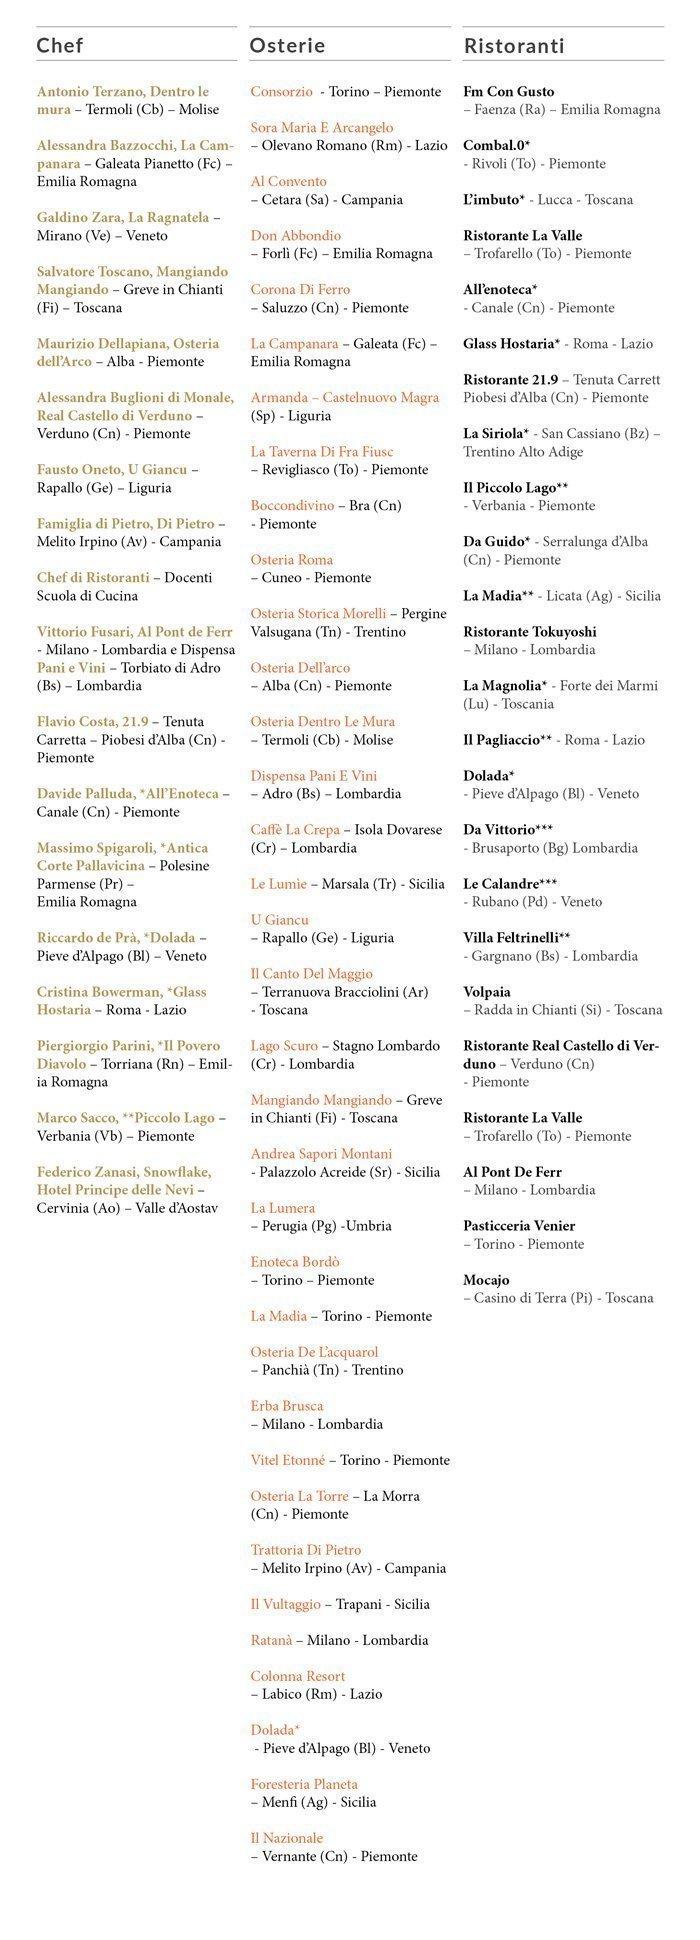 elenco_osterie_ristoranti_scuola_cucina_ita